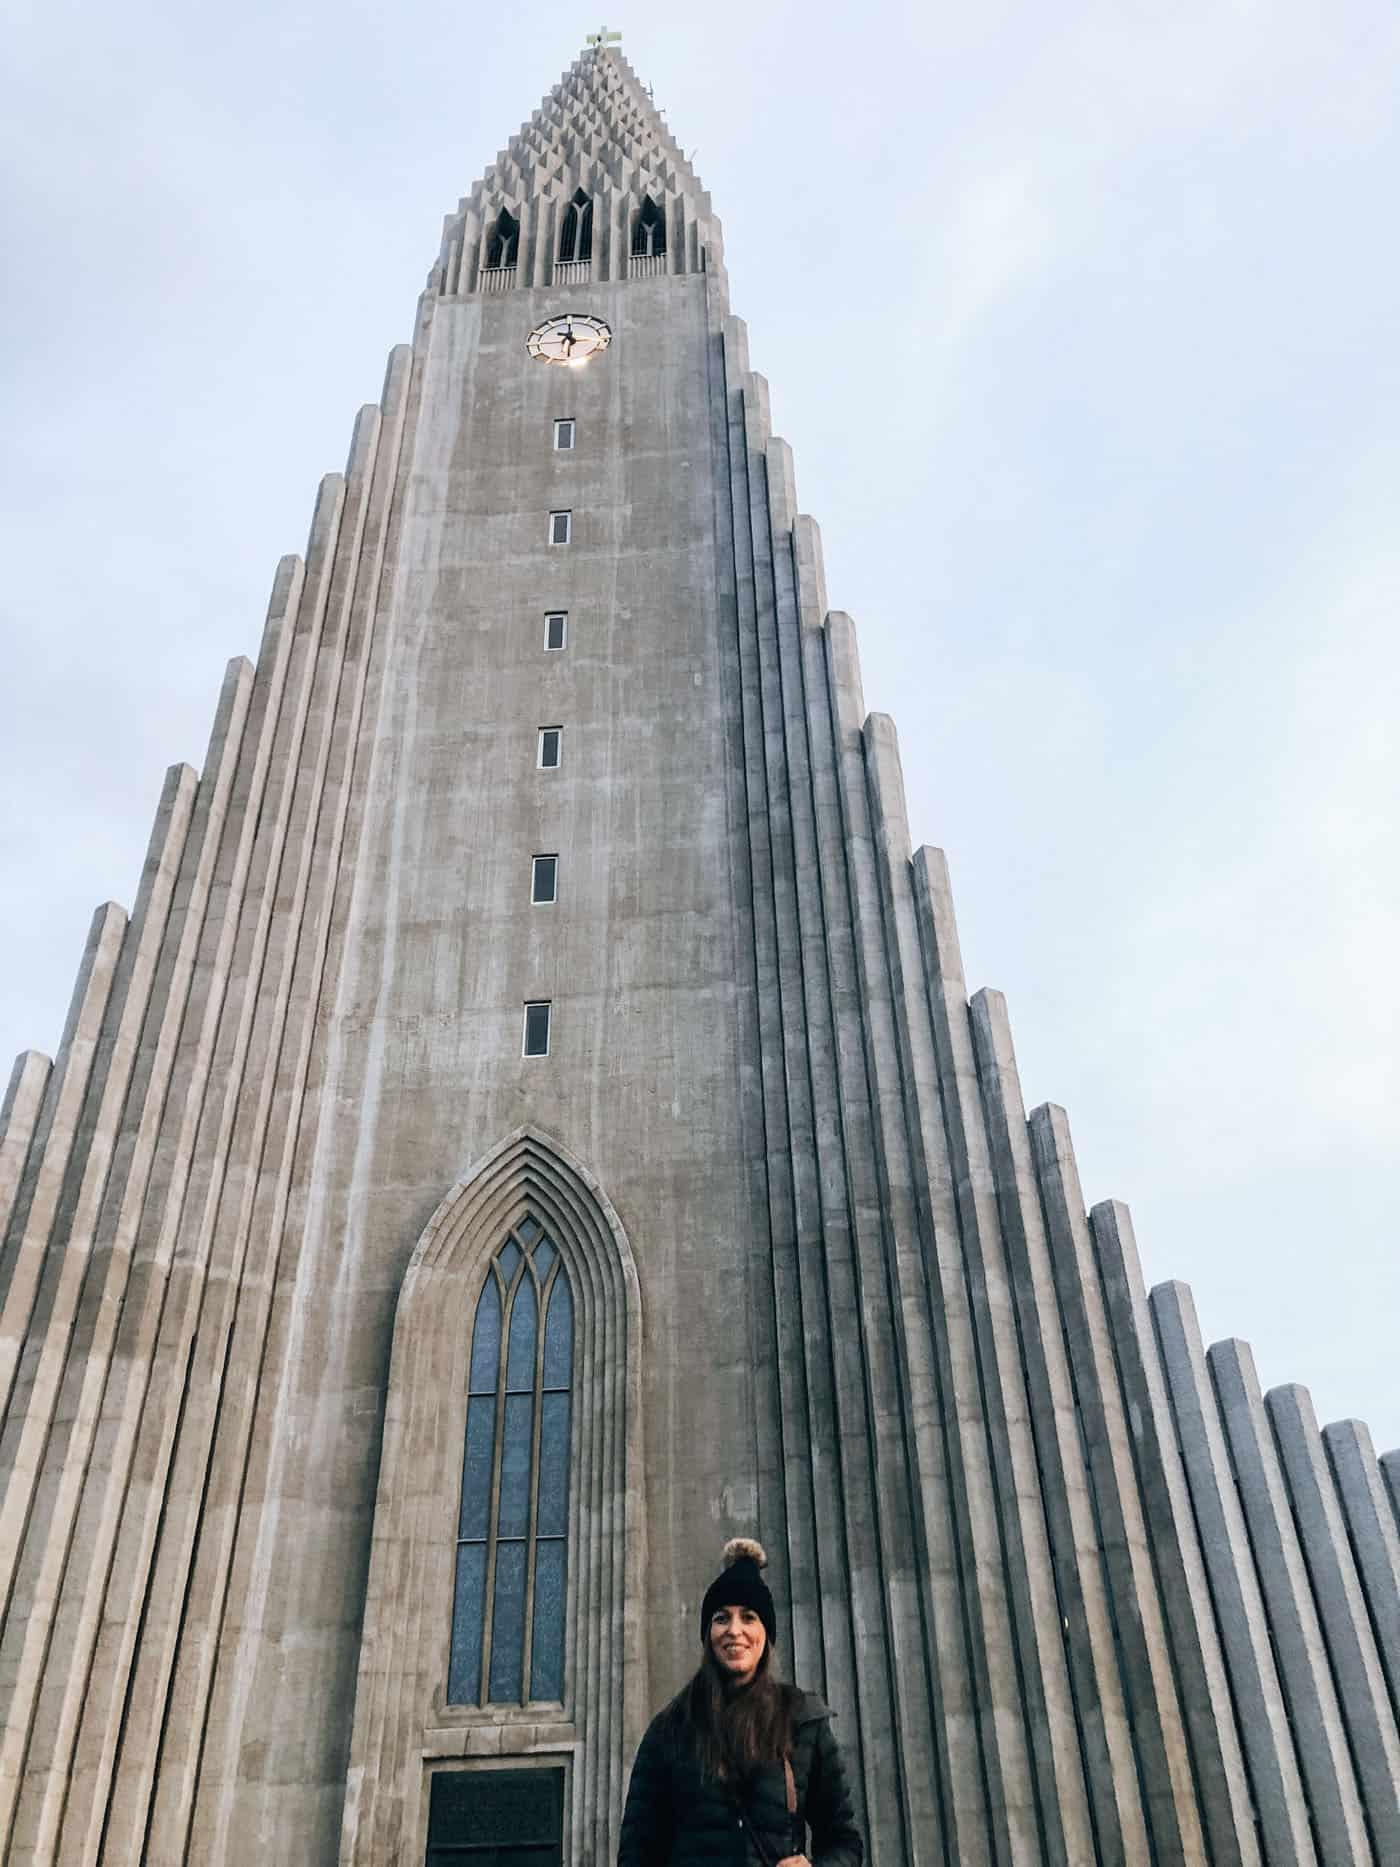 48 Hour Stopover in Reykjavik